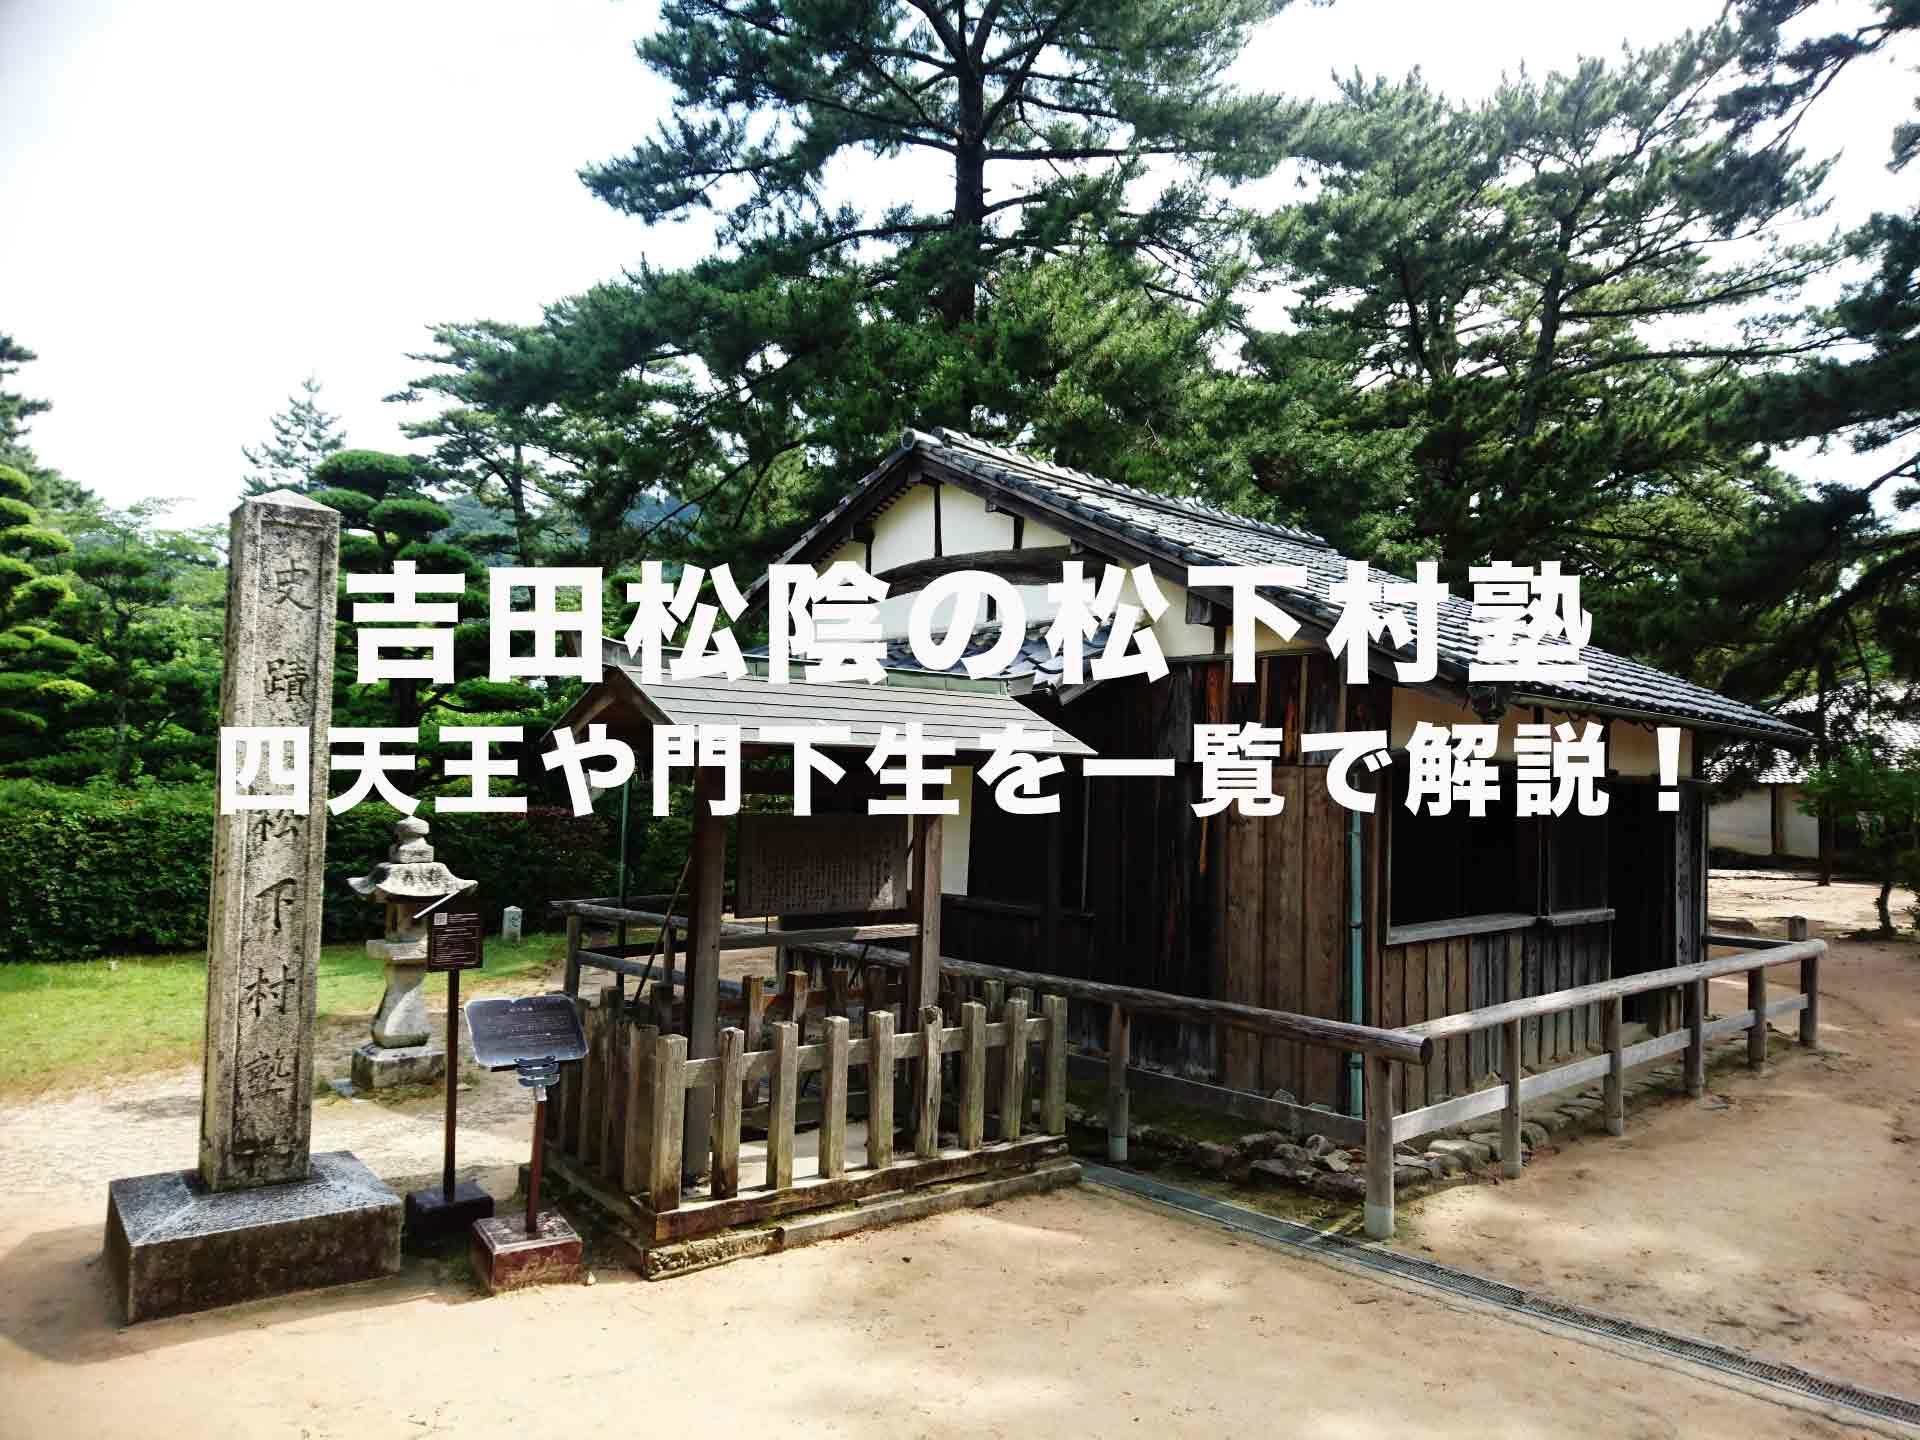 吉田松陰の松下村塾|四天王や門下生一覧、松下村塾ではどんな教えをしていたのか?